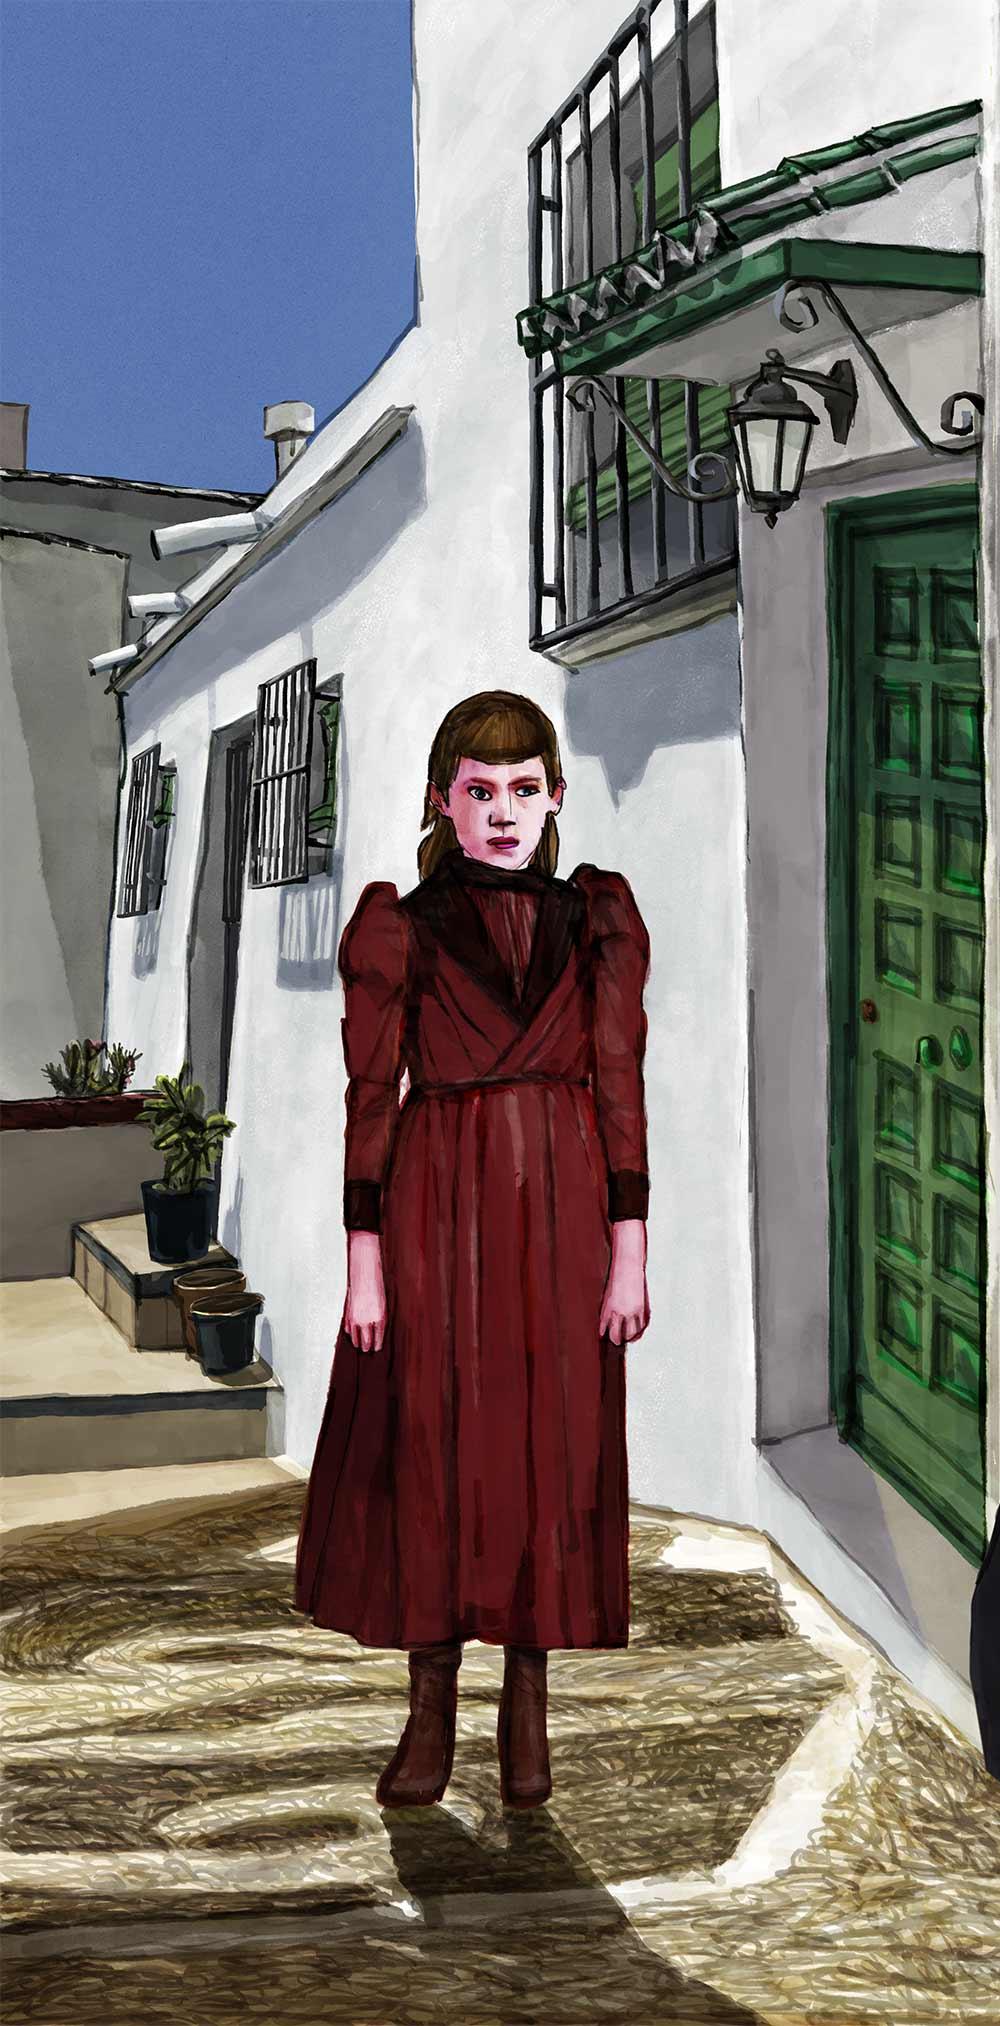 Mario Jodra illustration - Frigiliana La Axarquía (Vertical)